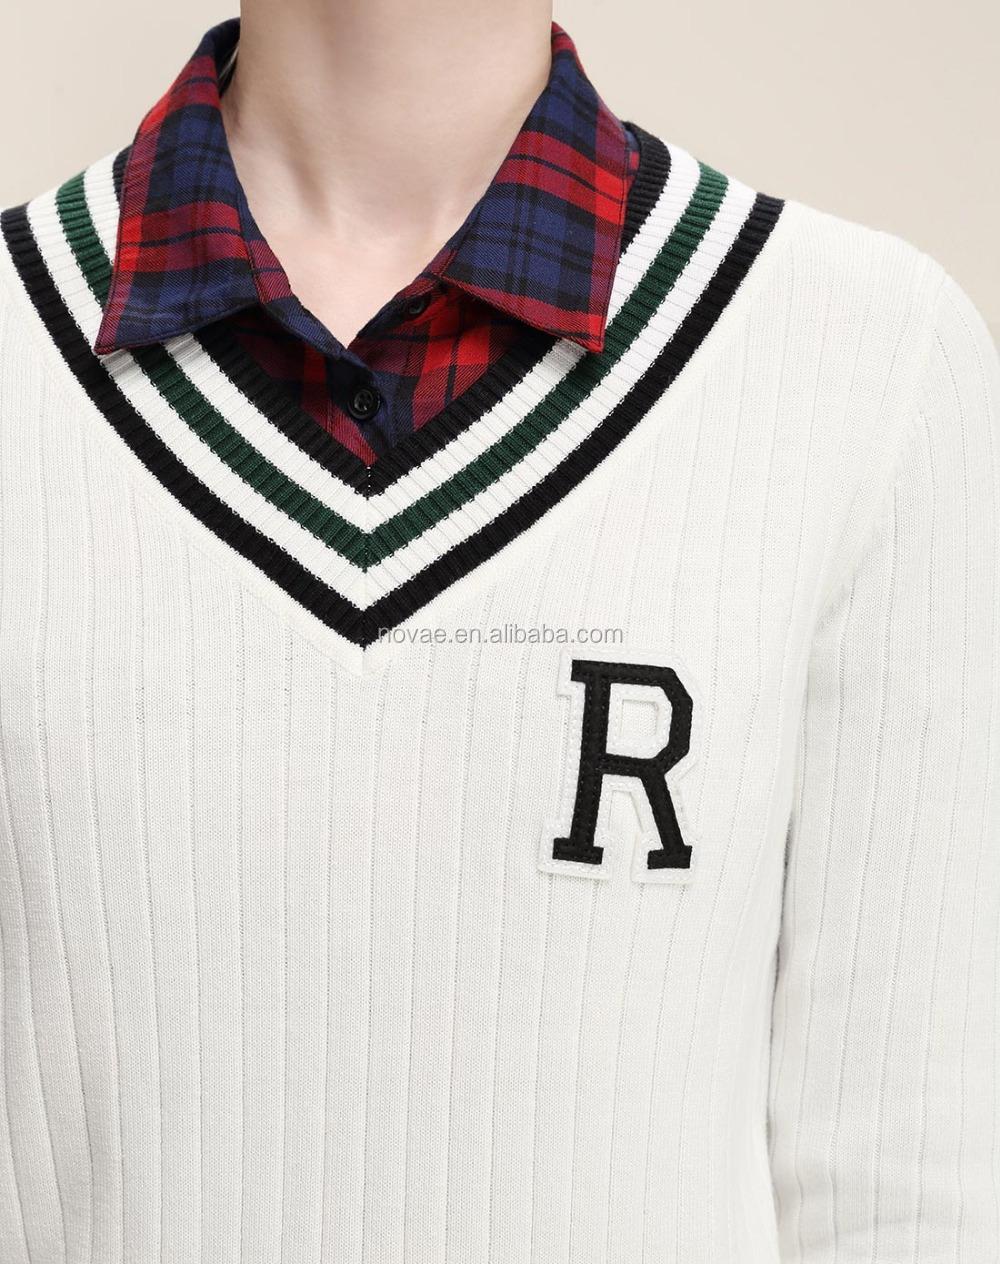 Ladies cotton knit clothing v neck shirt buy v neck t for 100 cotton v neck t shirts wholesale